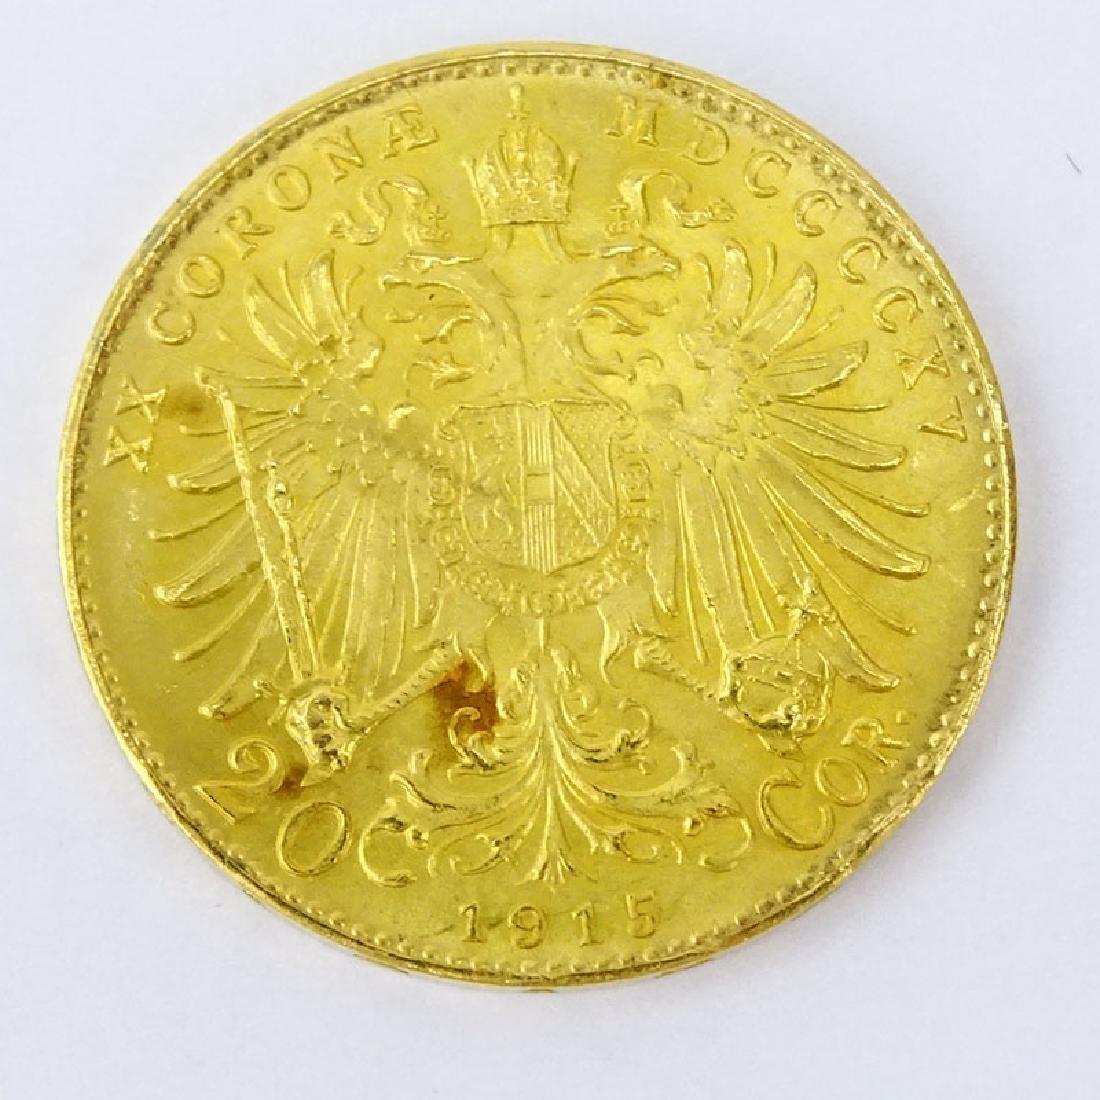 1915 Austrian 20 Corona Gold Coin. Approx. 6.8 grams. - 2